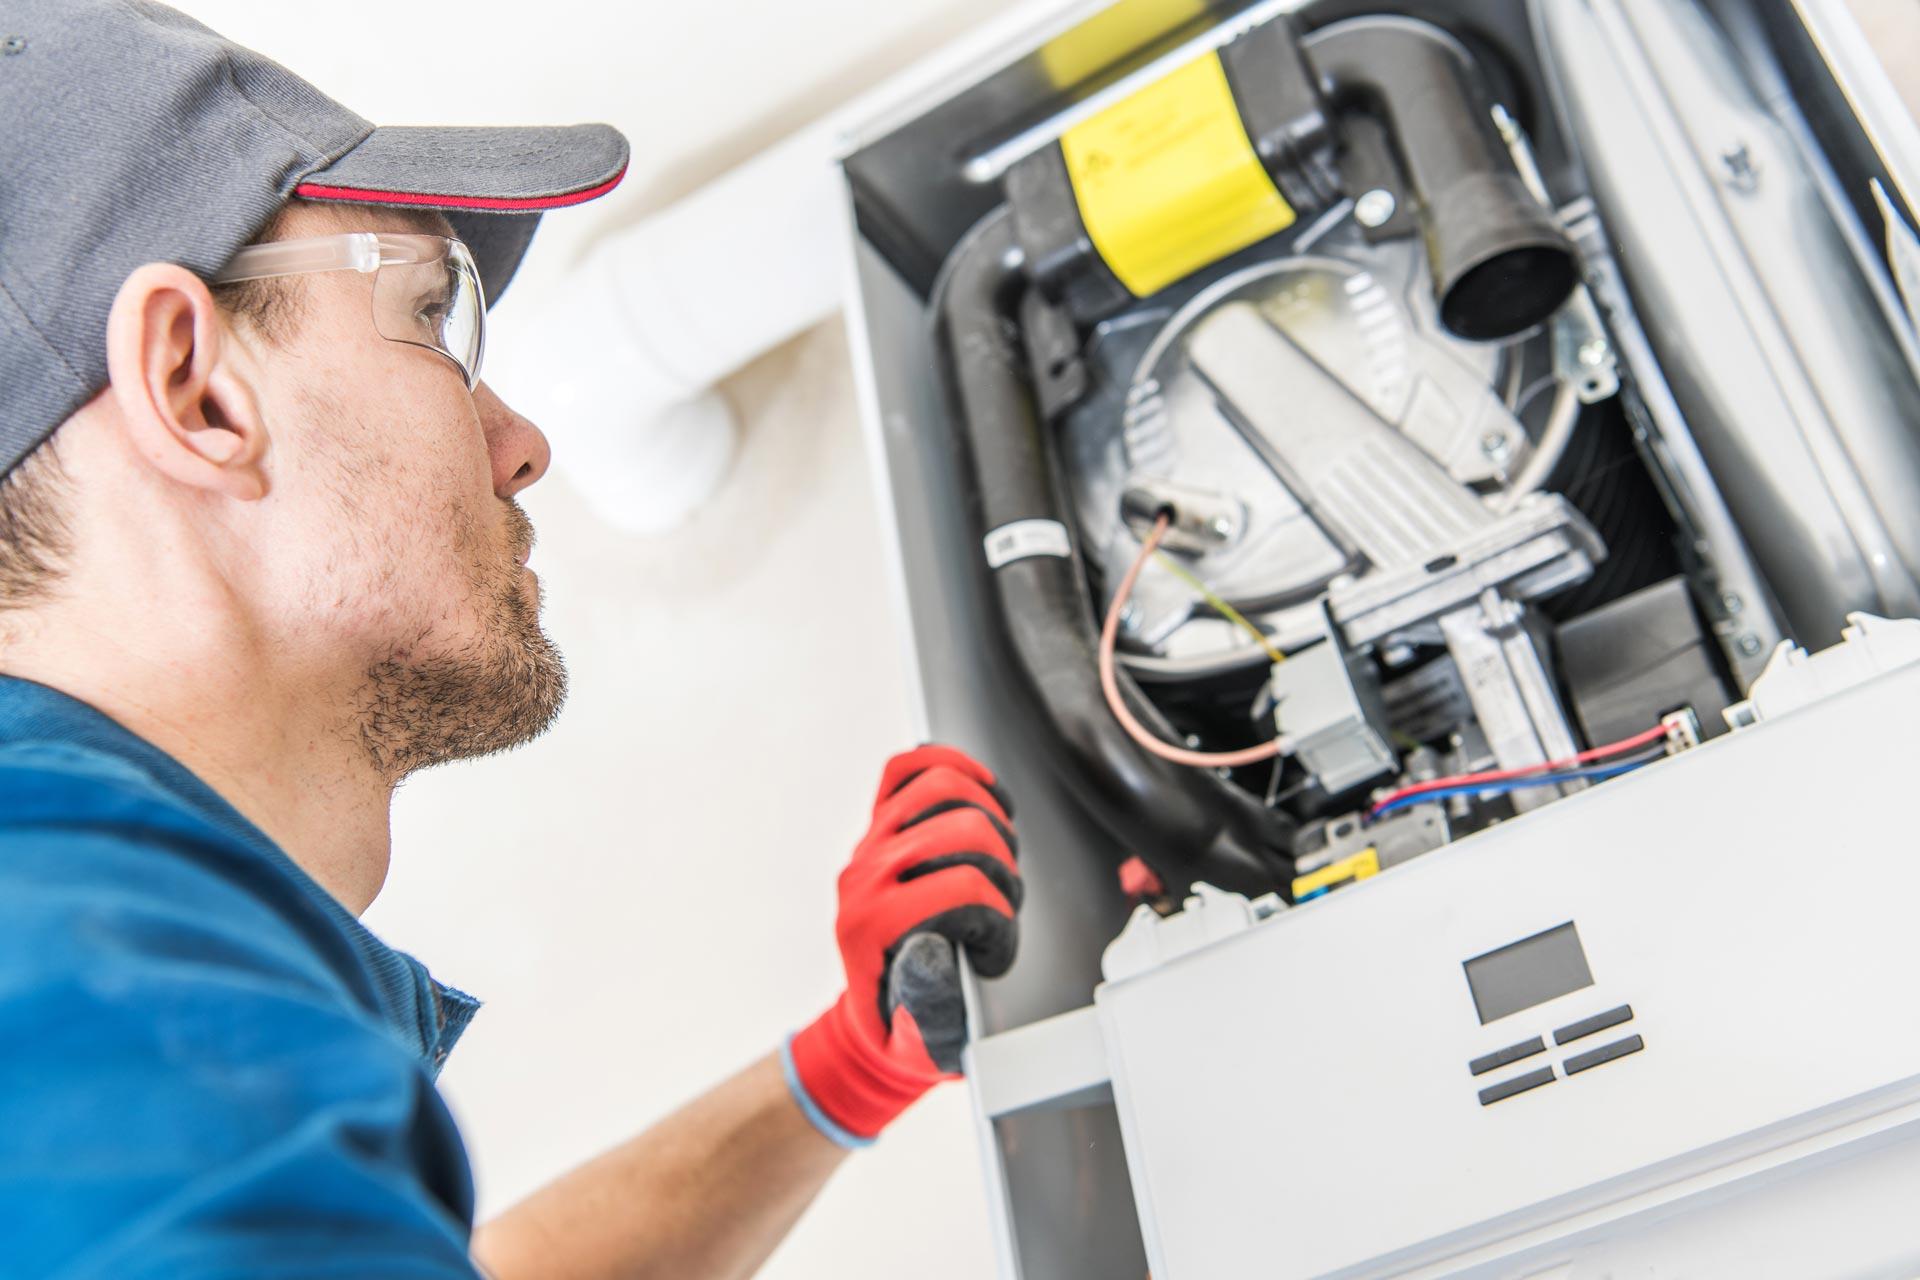 How Do You Maintain HVAC?